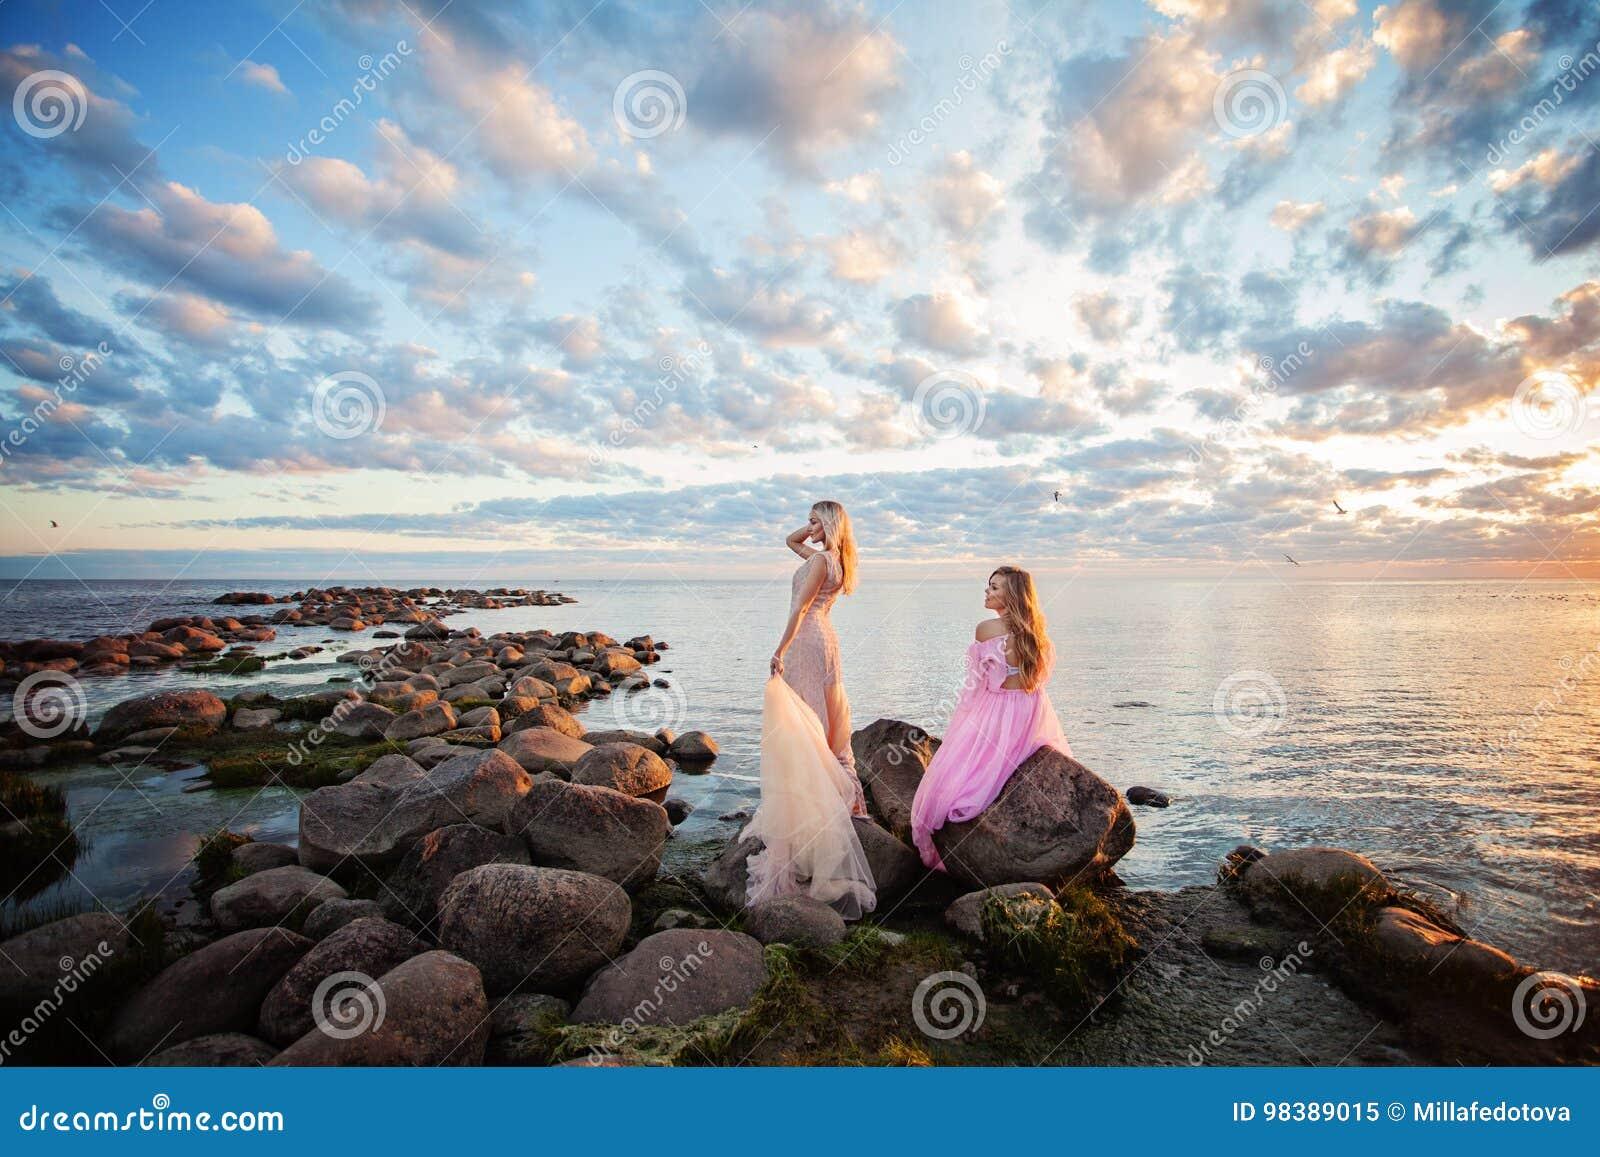 Schöne Modell-Frau auf Sonnenuntergang-Küste draußen